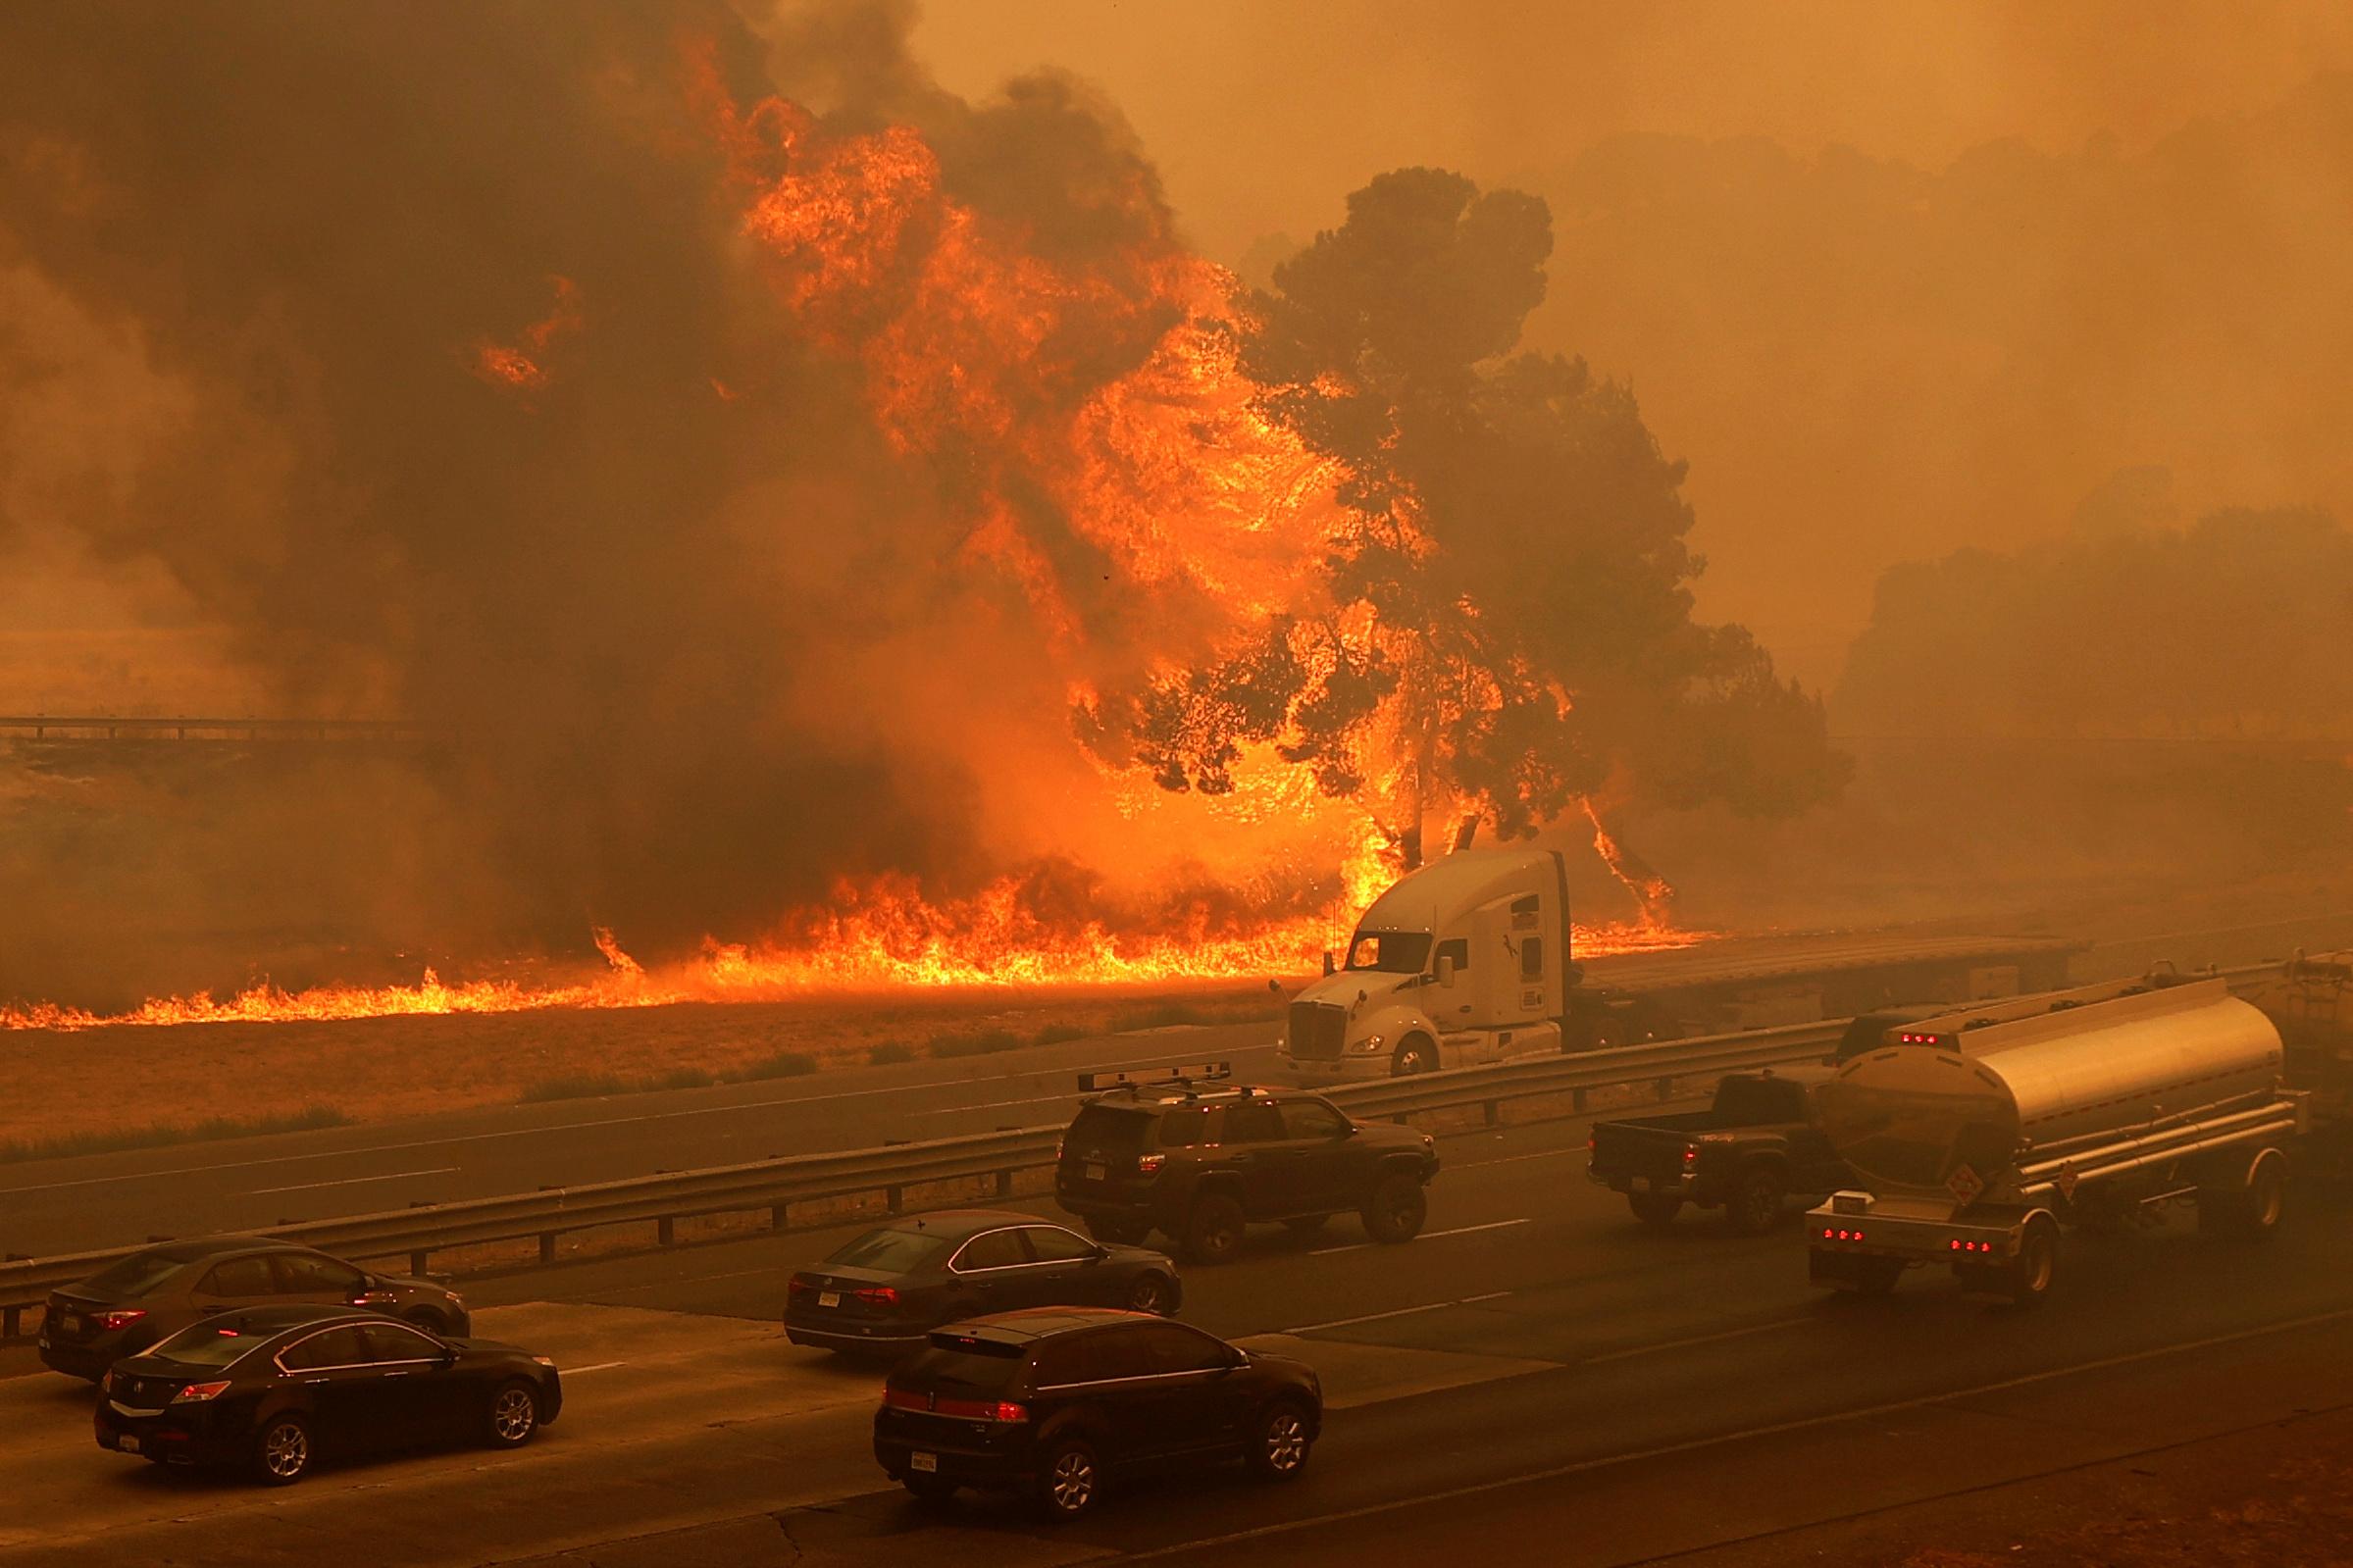 Σε κατάσταση έκτακτης ανάγκες πέντε κομητείες στην Καλιφόρνια